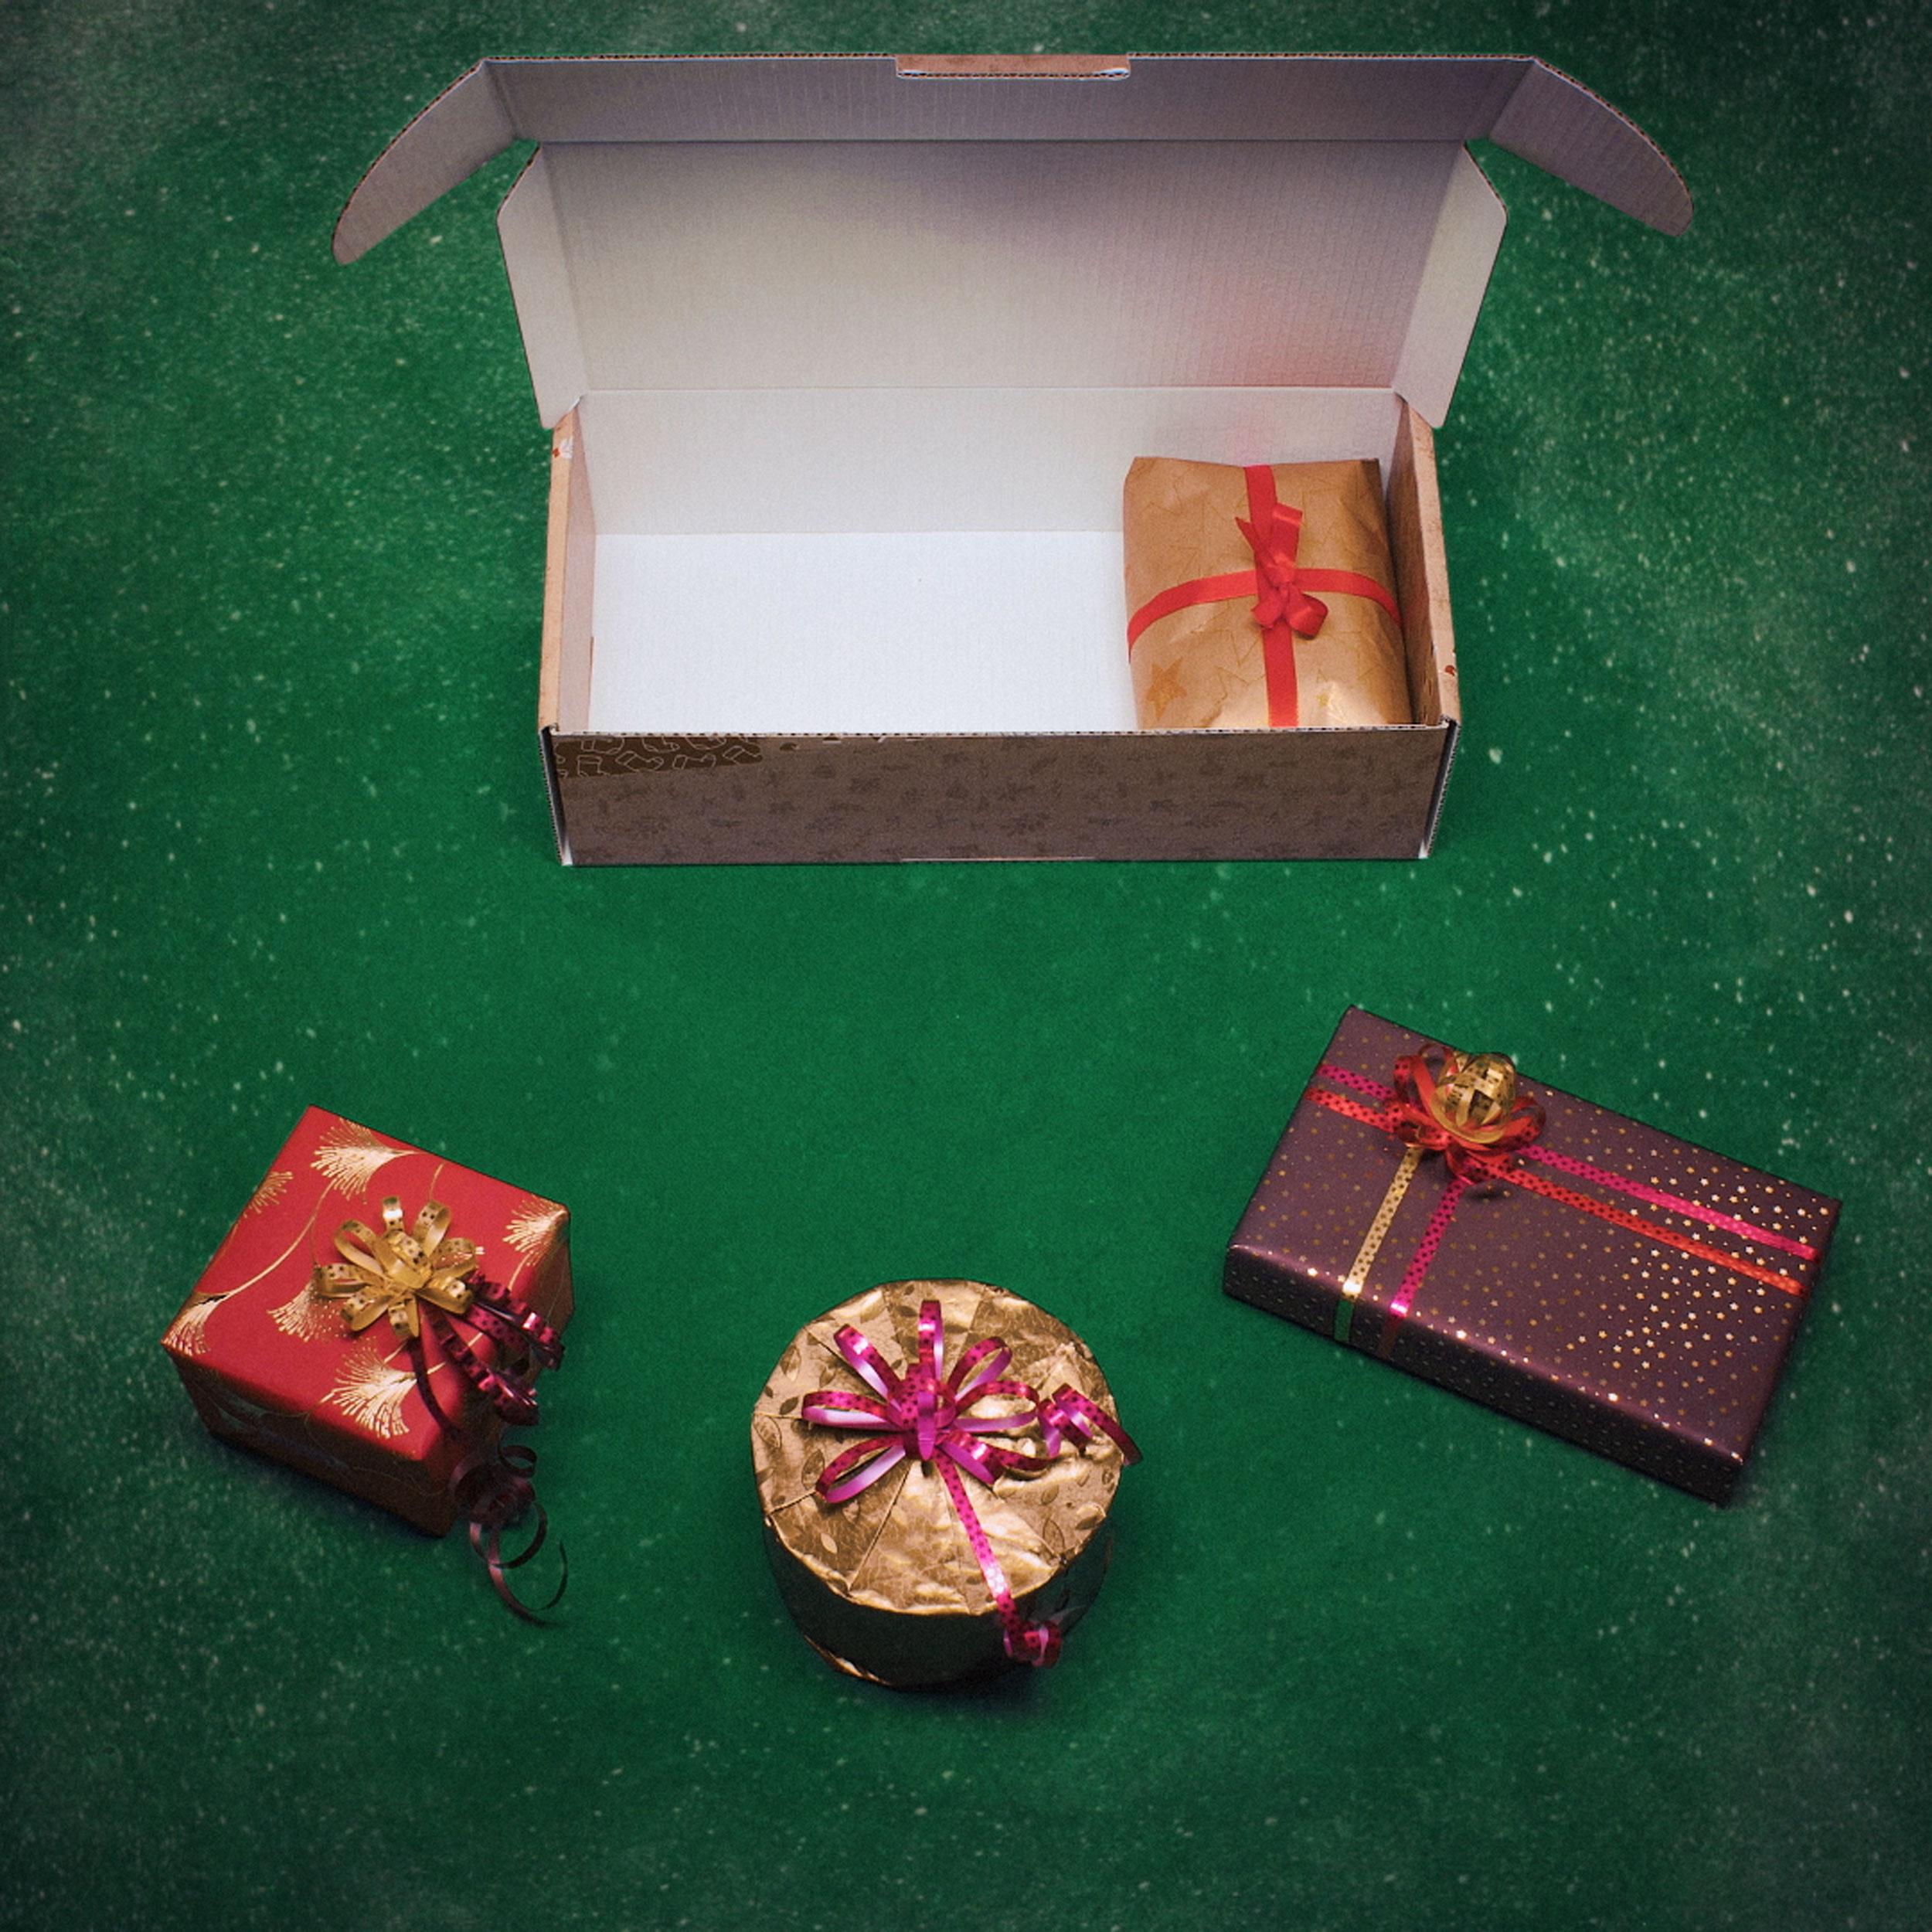 Merryboxmas_still1.jpg